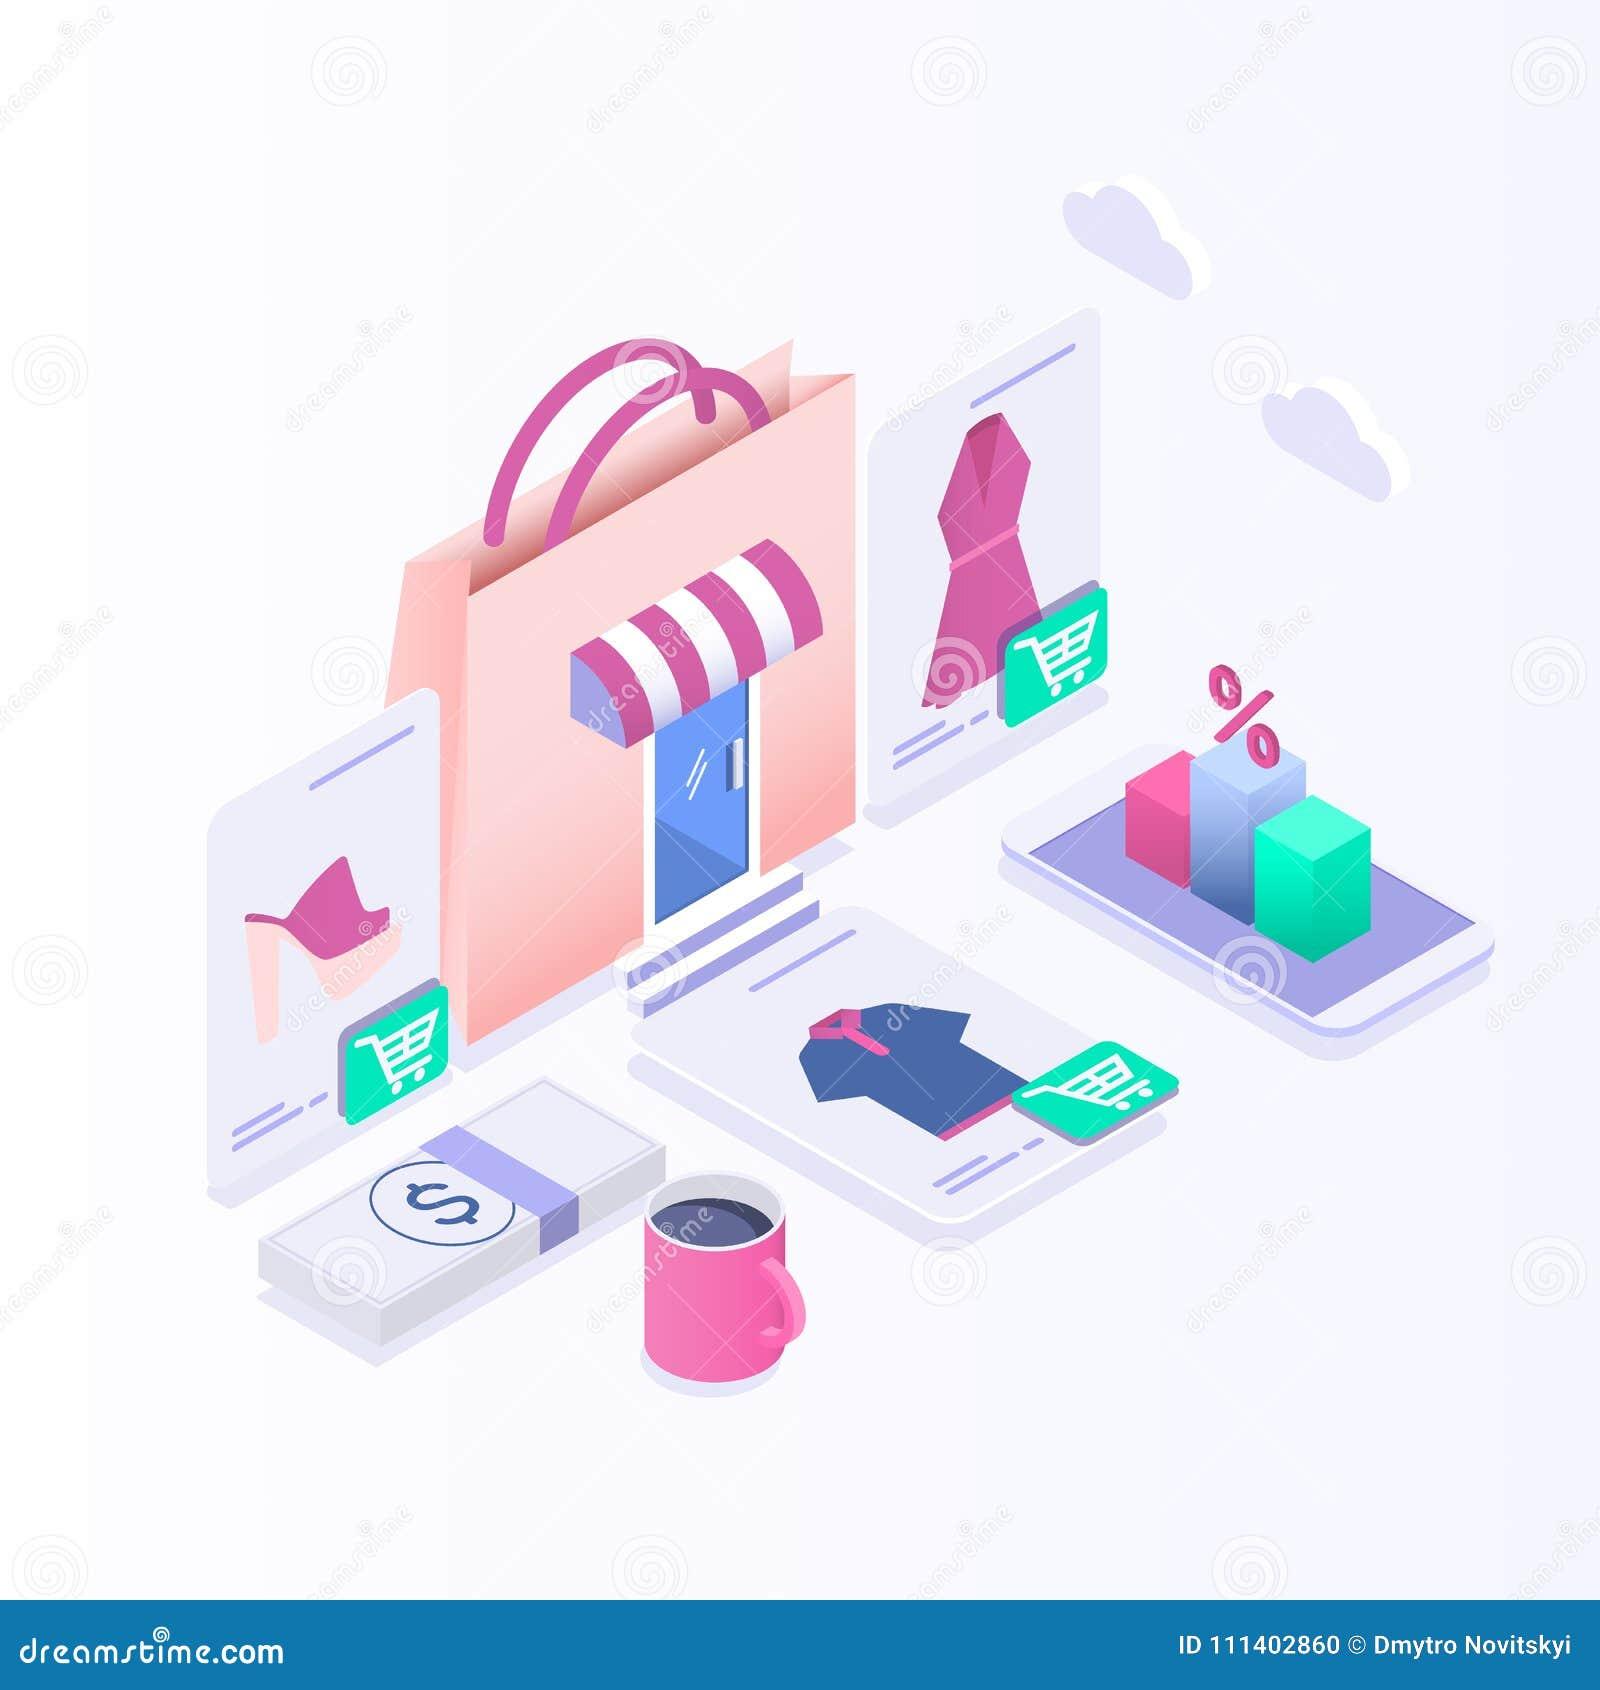 667c2d5ca2 Commercio elettronico isometrico, acquisto online e vendita al dettaglio,  negozi elettronici, Internet del concetto di cose